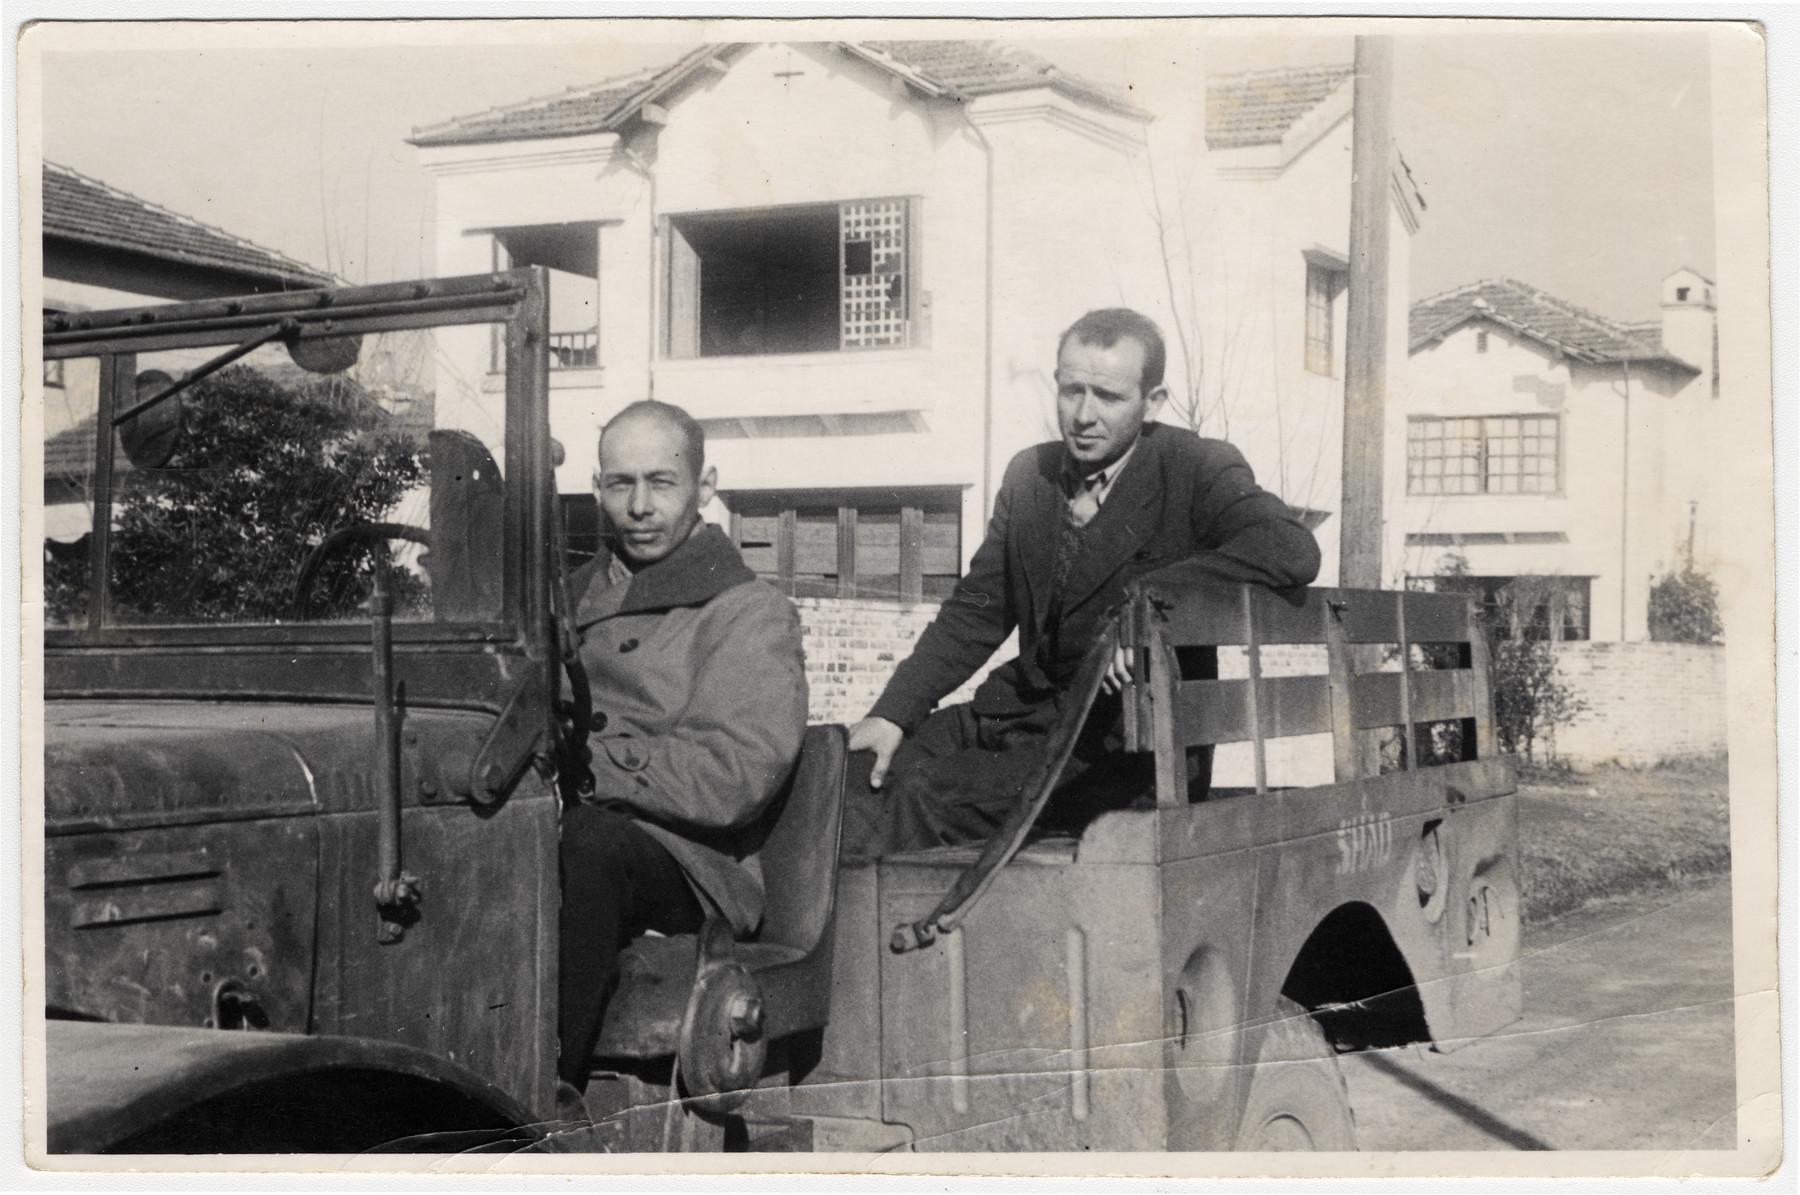 Viktor Stummer rides in the back of an open truck in Shanghai.